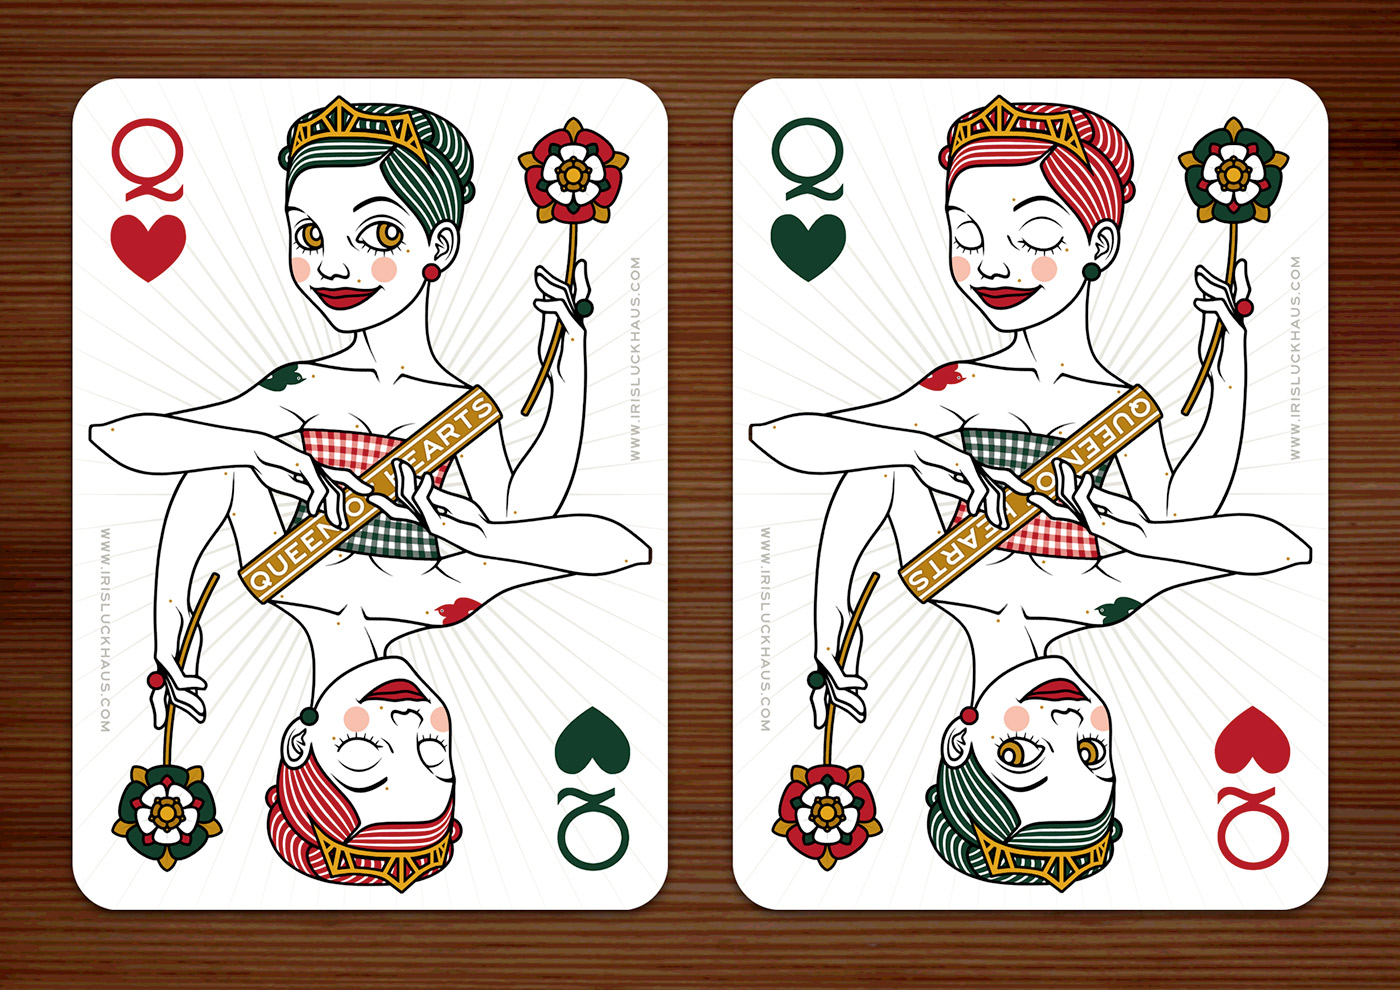 Zeichnung der Herzdame (Queen of Hearts) Spielkarte für das 52 Aces Reloaded Pokerdeck für Zeixs von Iris Luckhaus